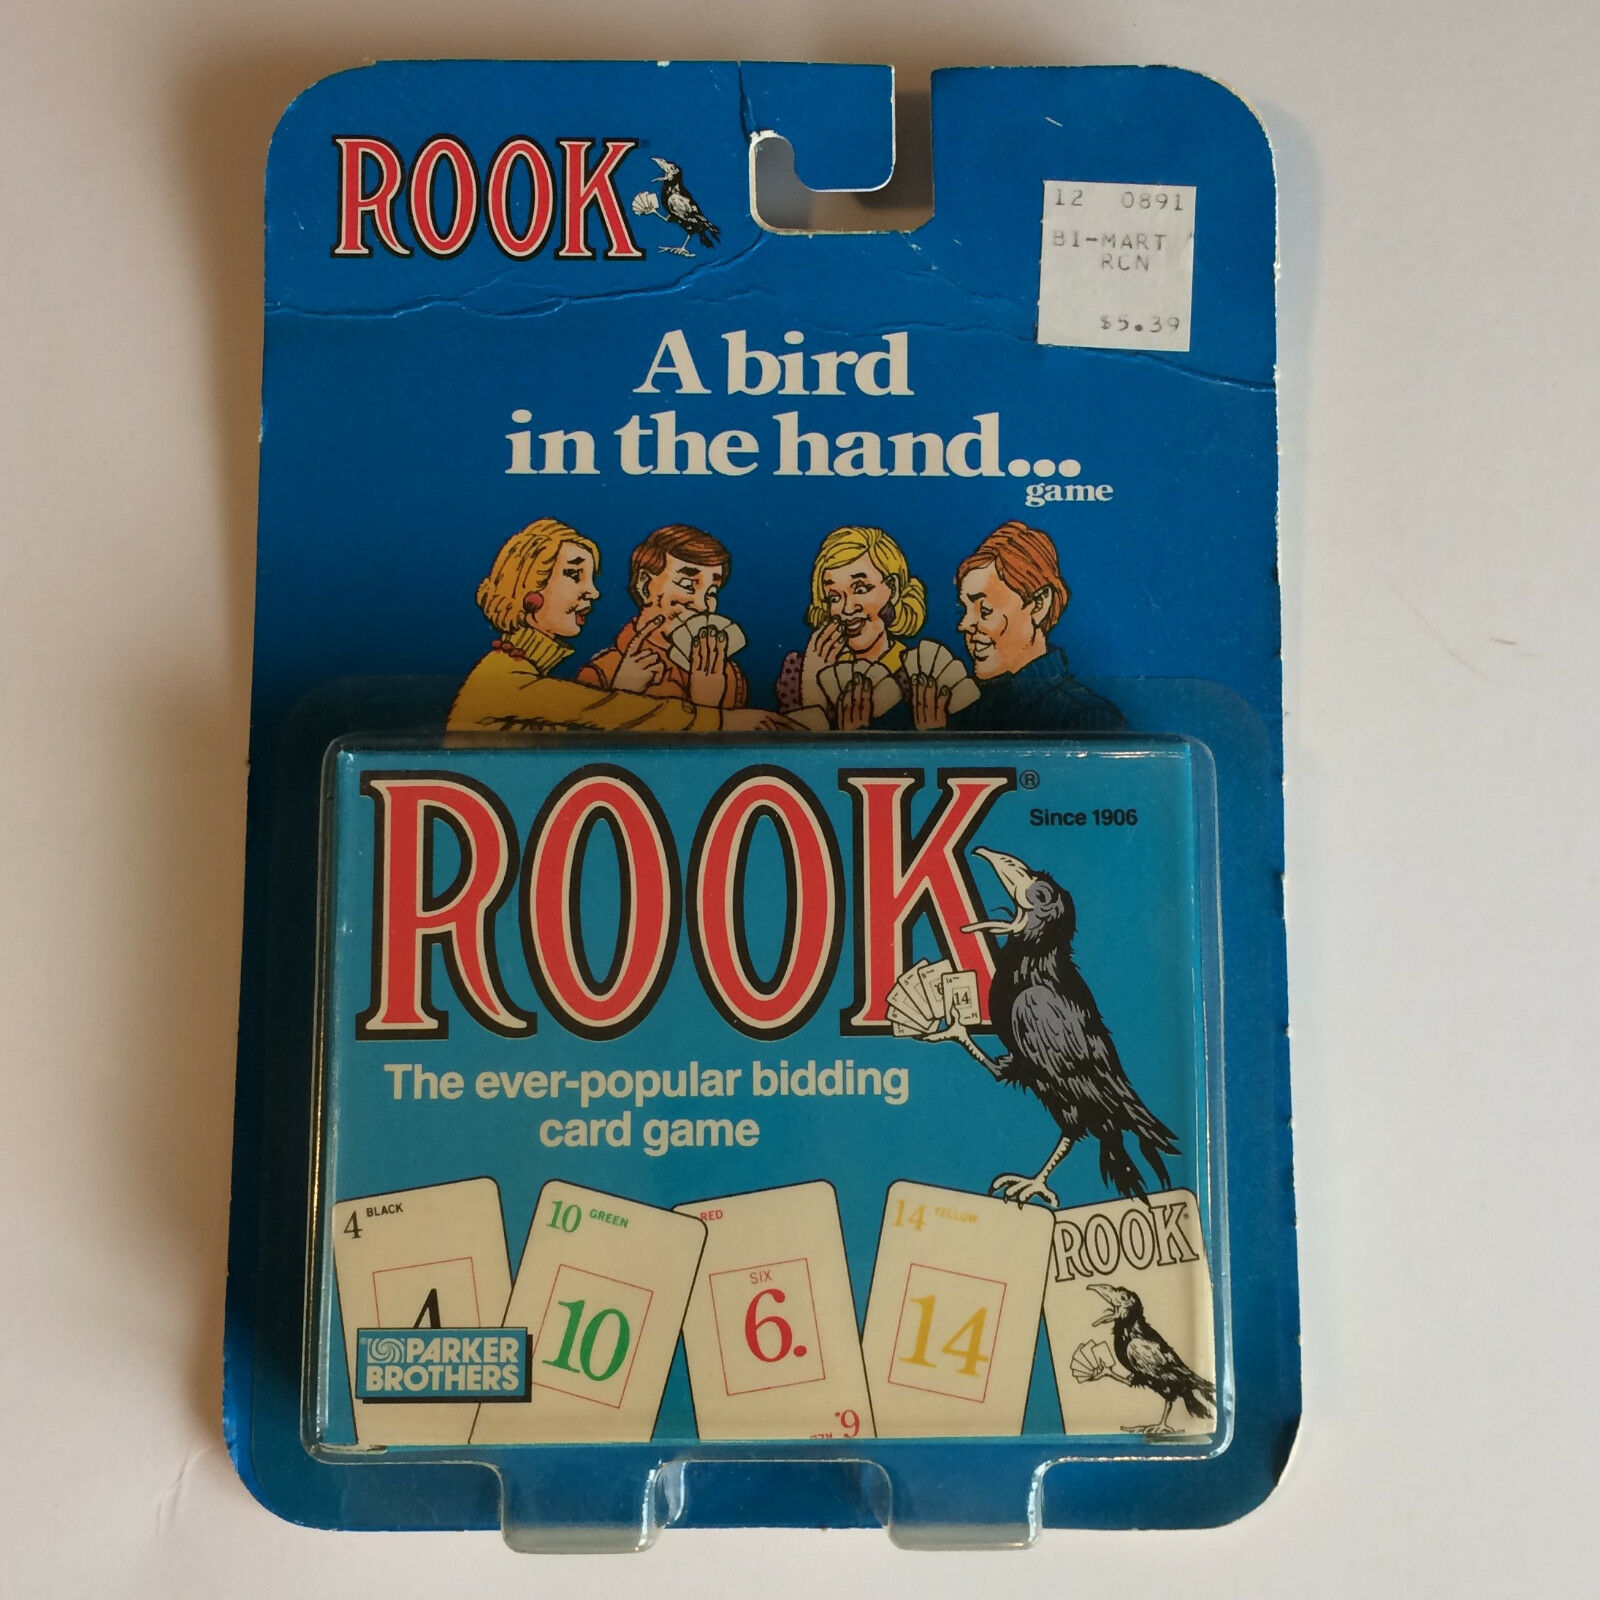 Rook Coched Juego Parker Brojohers Edición 1988-Nuevo Sellado De Fábrica Raro Coleccionable